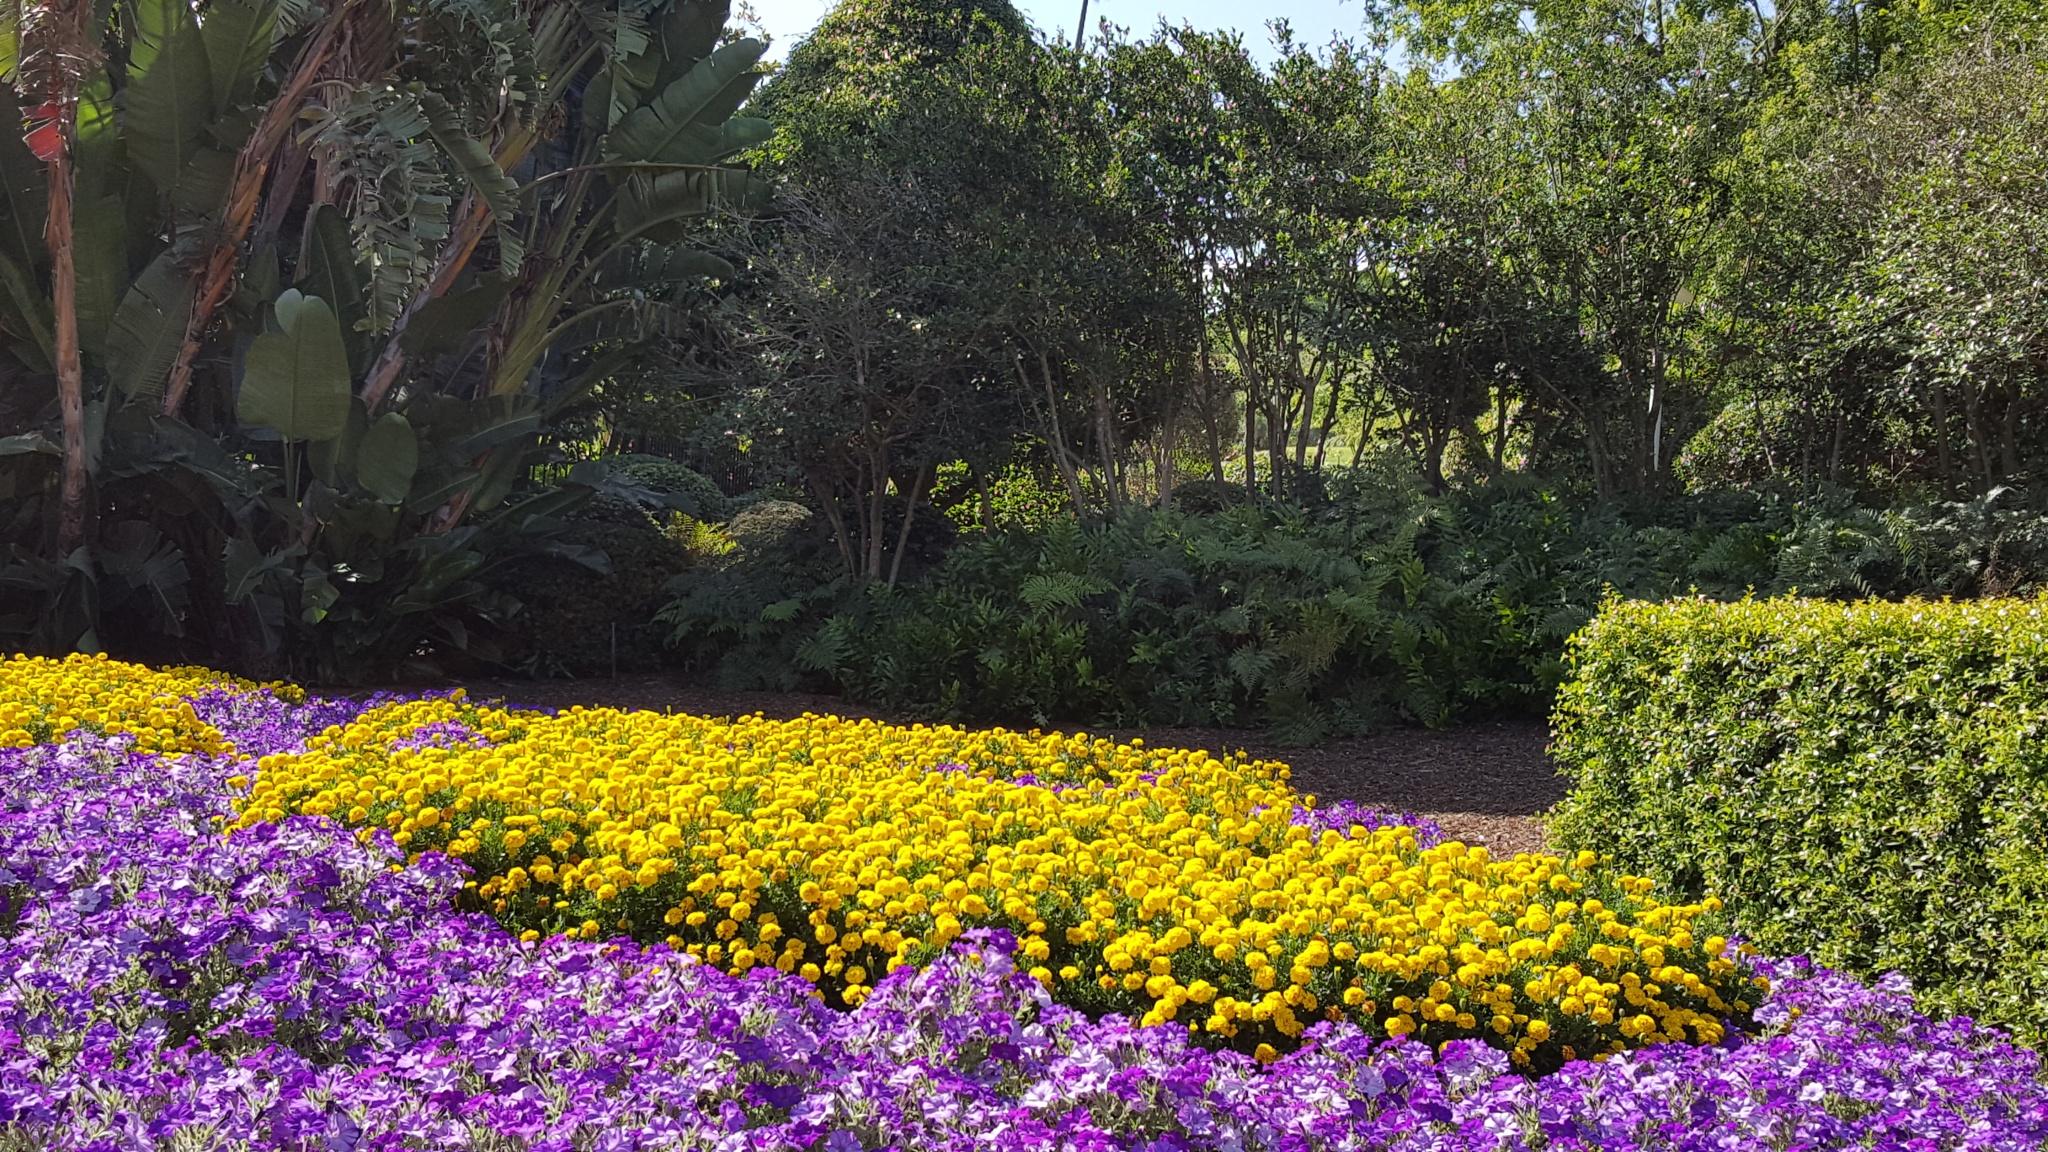 purple - yellow flowers by Swan